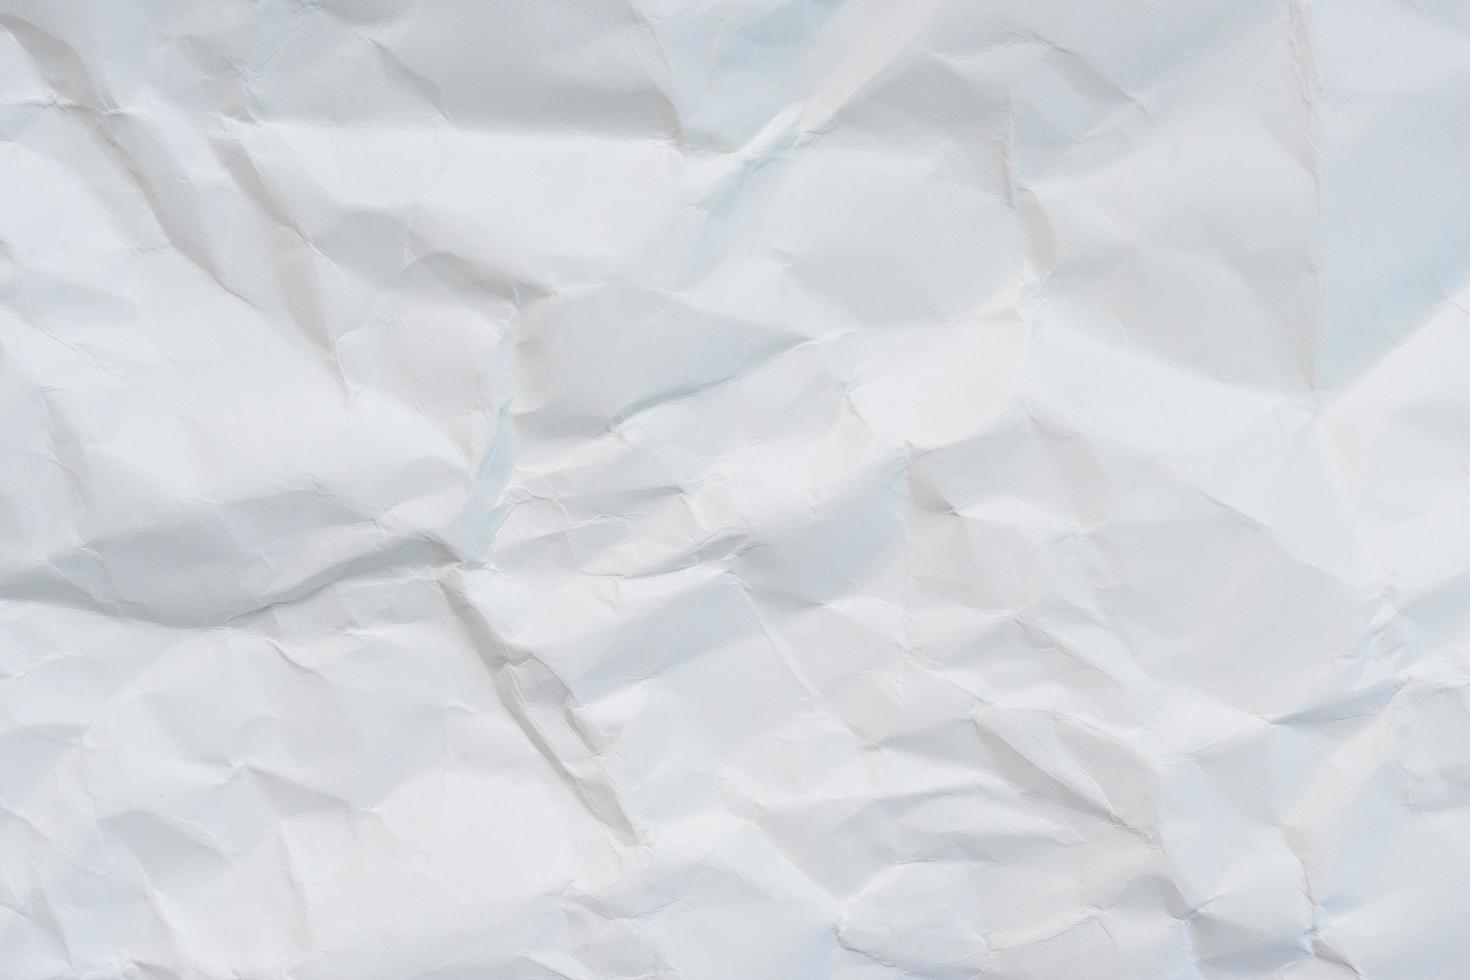 trama della carta stropicciata foto